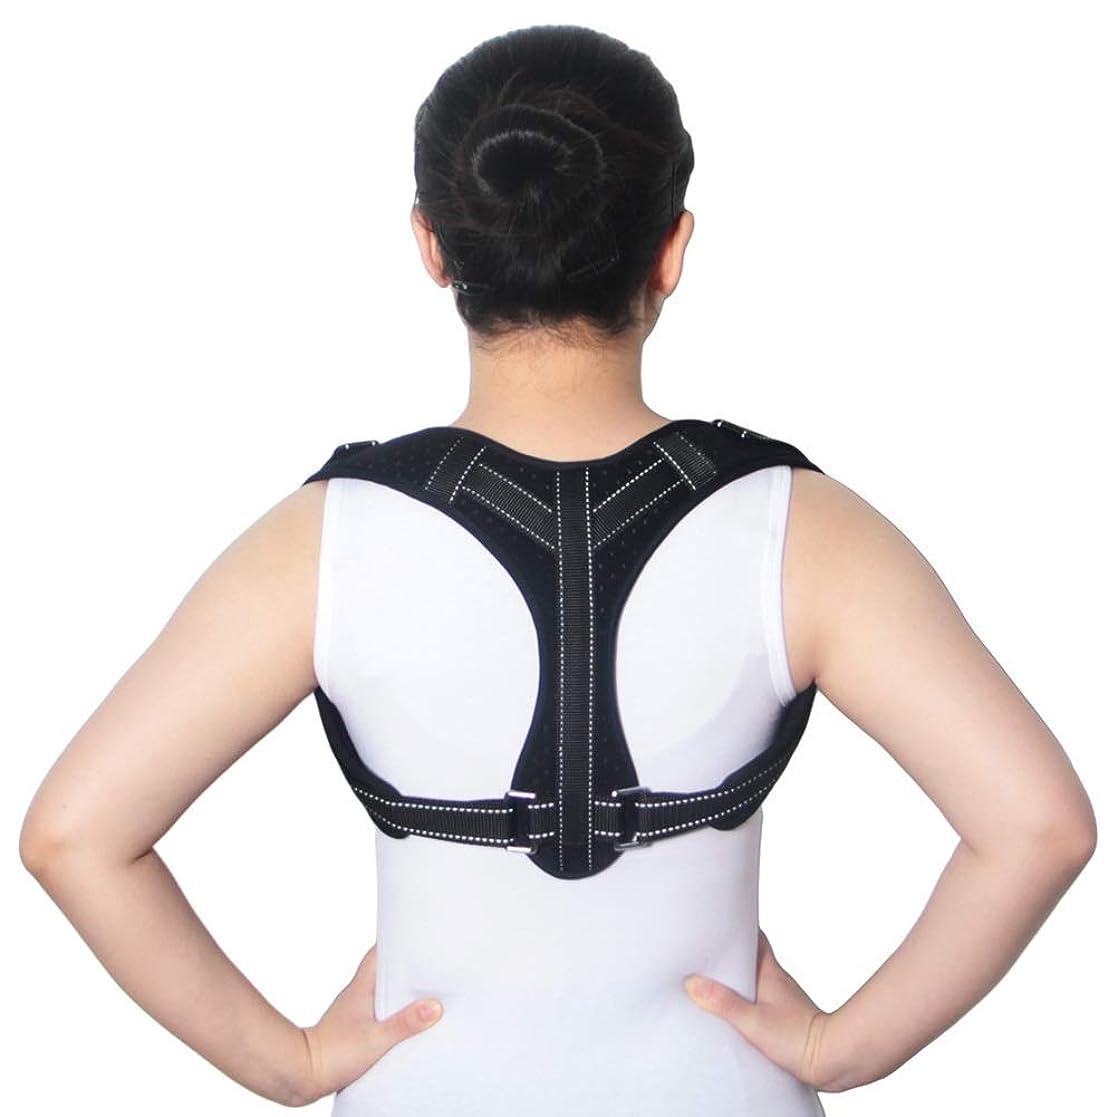 フラッシュのように素早くアルファベットデコレーションハンプバック矯正ベルト調整用鎖骨ベルト成人用ユニセックス通気性姿勢矯正姿勢訓練装置